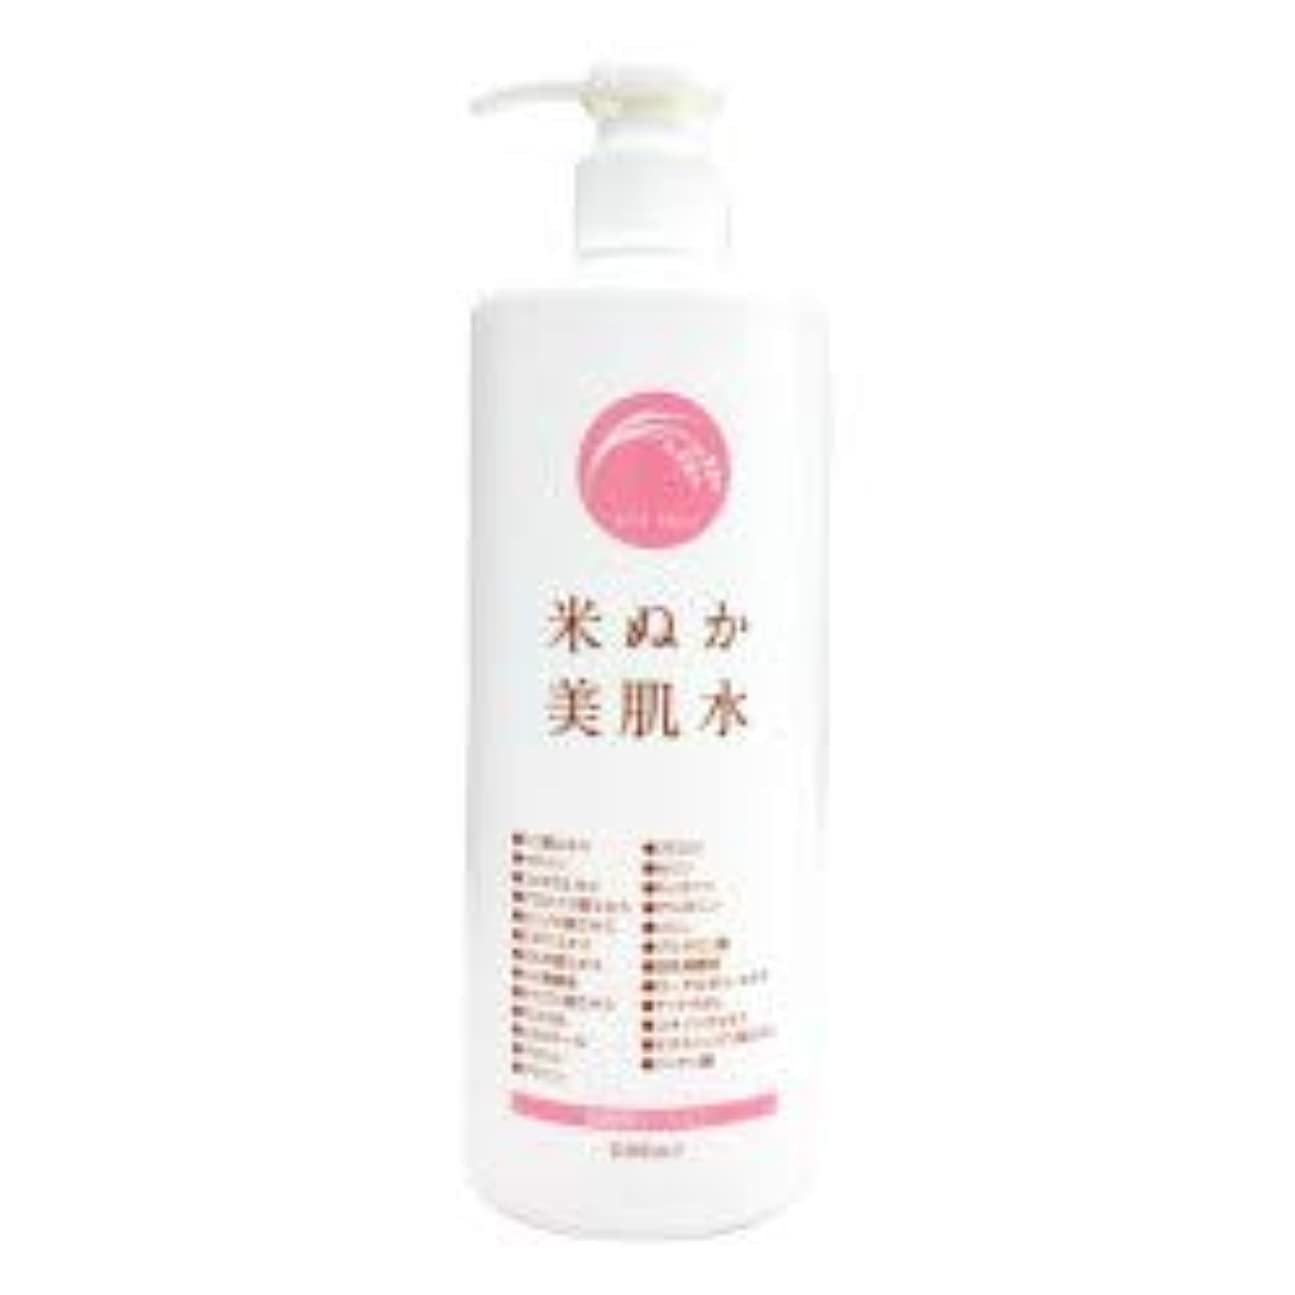 仕方ヘルパー矢コメヌカエキス コメ発酵液 配合 顔 ボディ用化粧水 米ぬか美肌水 500ml